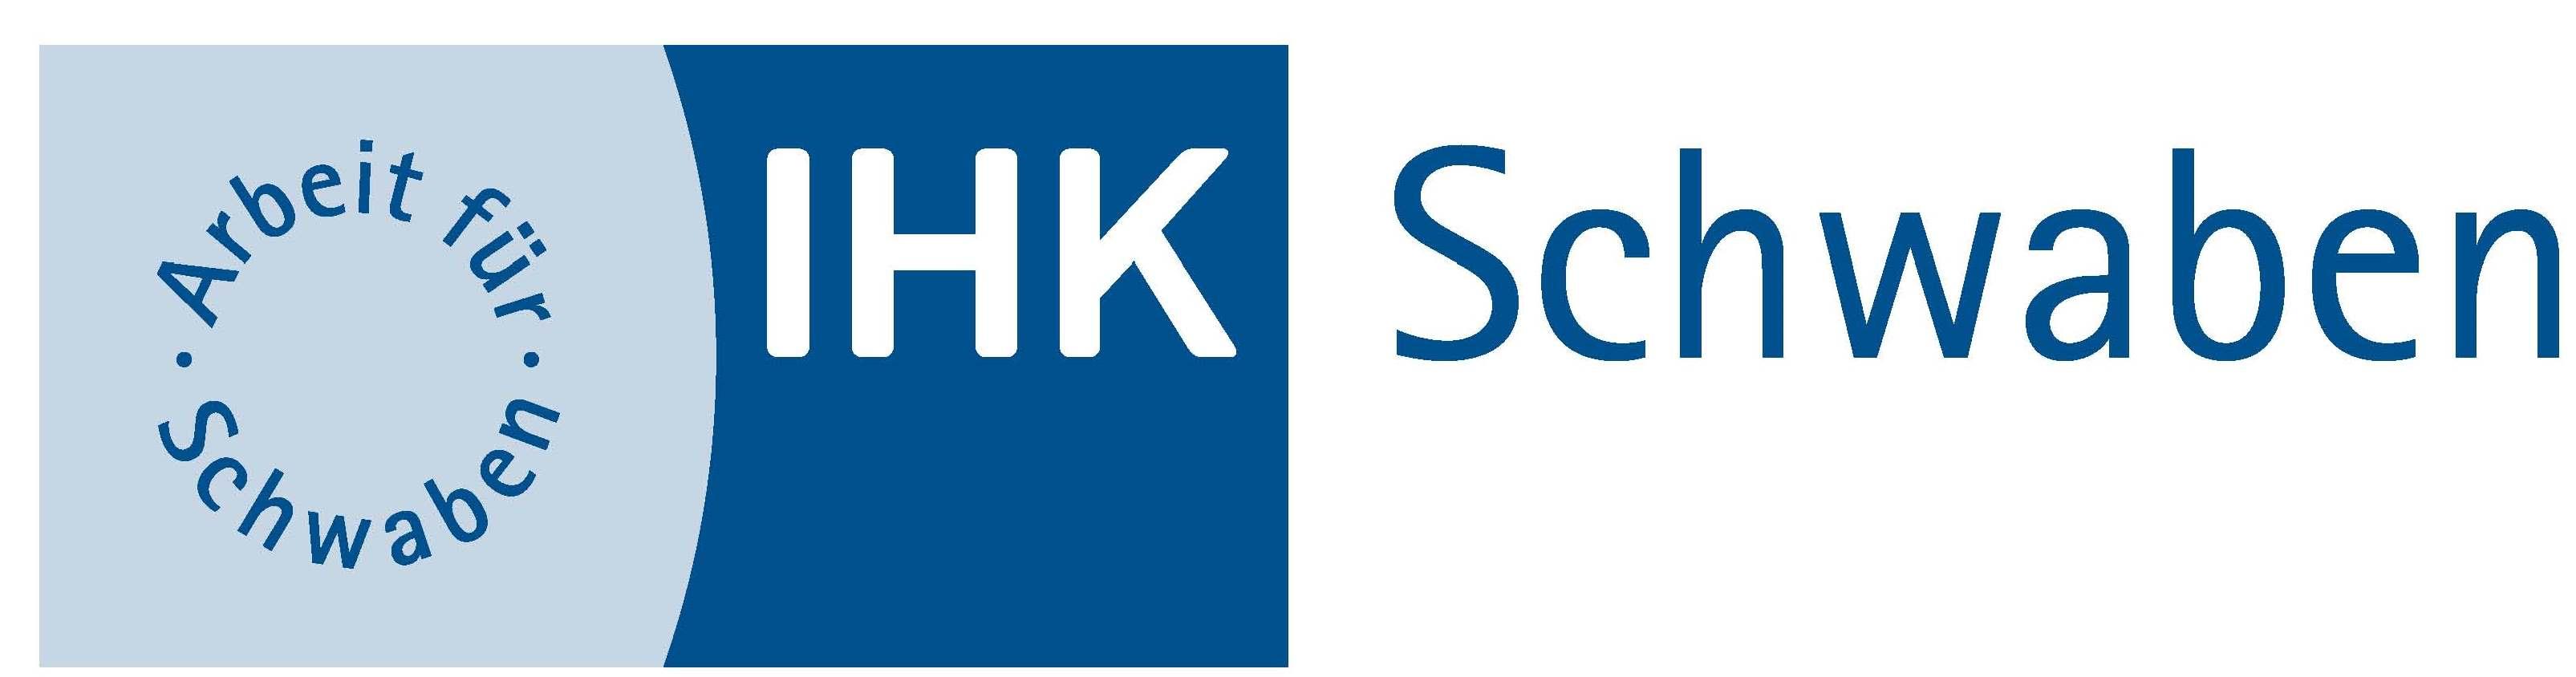 ihk-ausbildungsbetrieb-logo